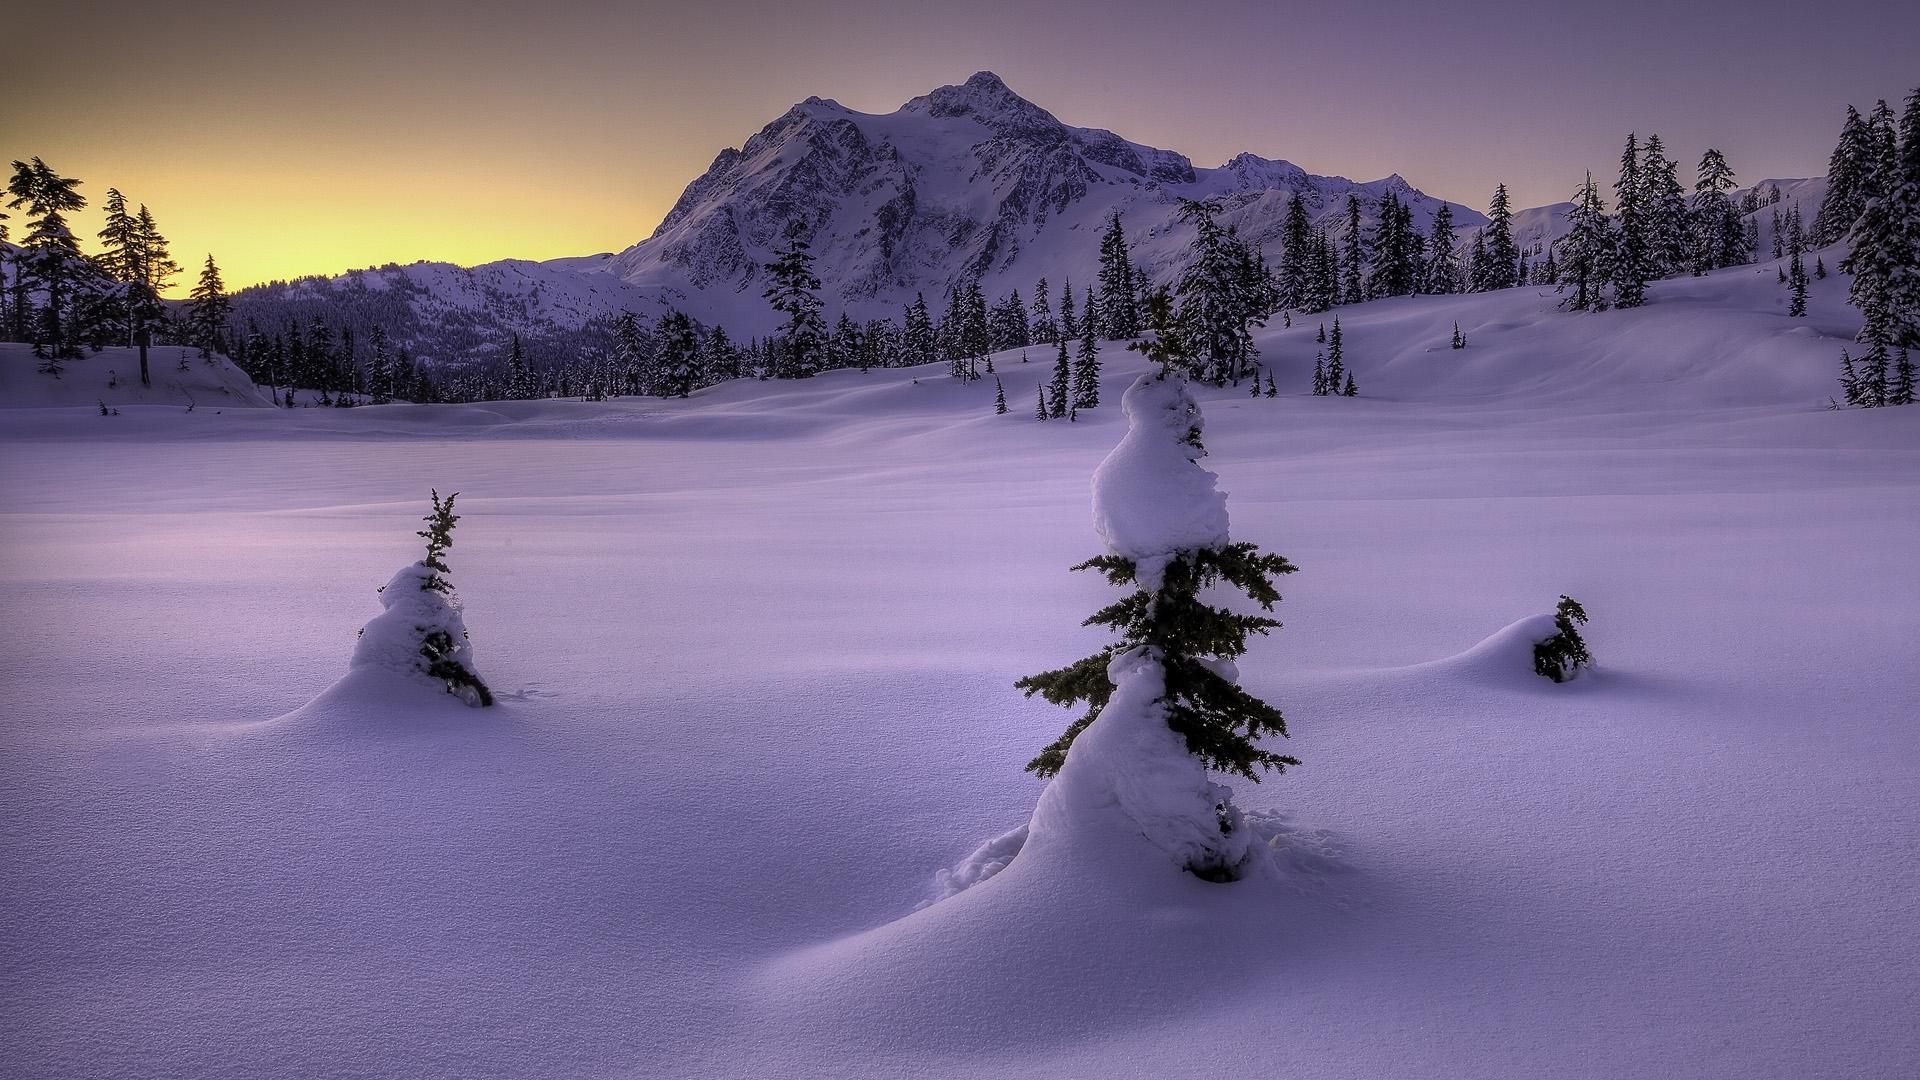 49892 télécharger le fond d'écran Paysage, Nature, Montagnes, Neige - économiseurs d'écran et images gratuitement